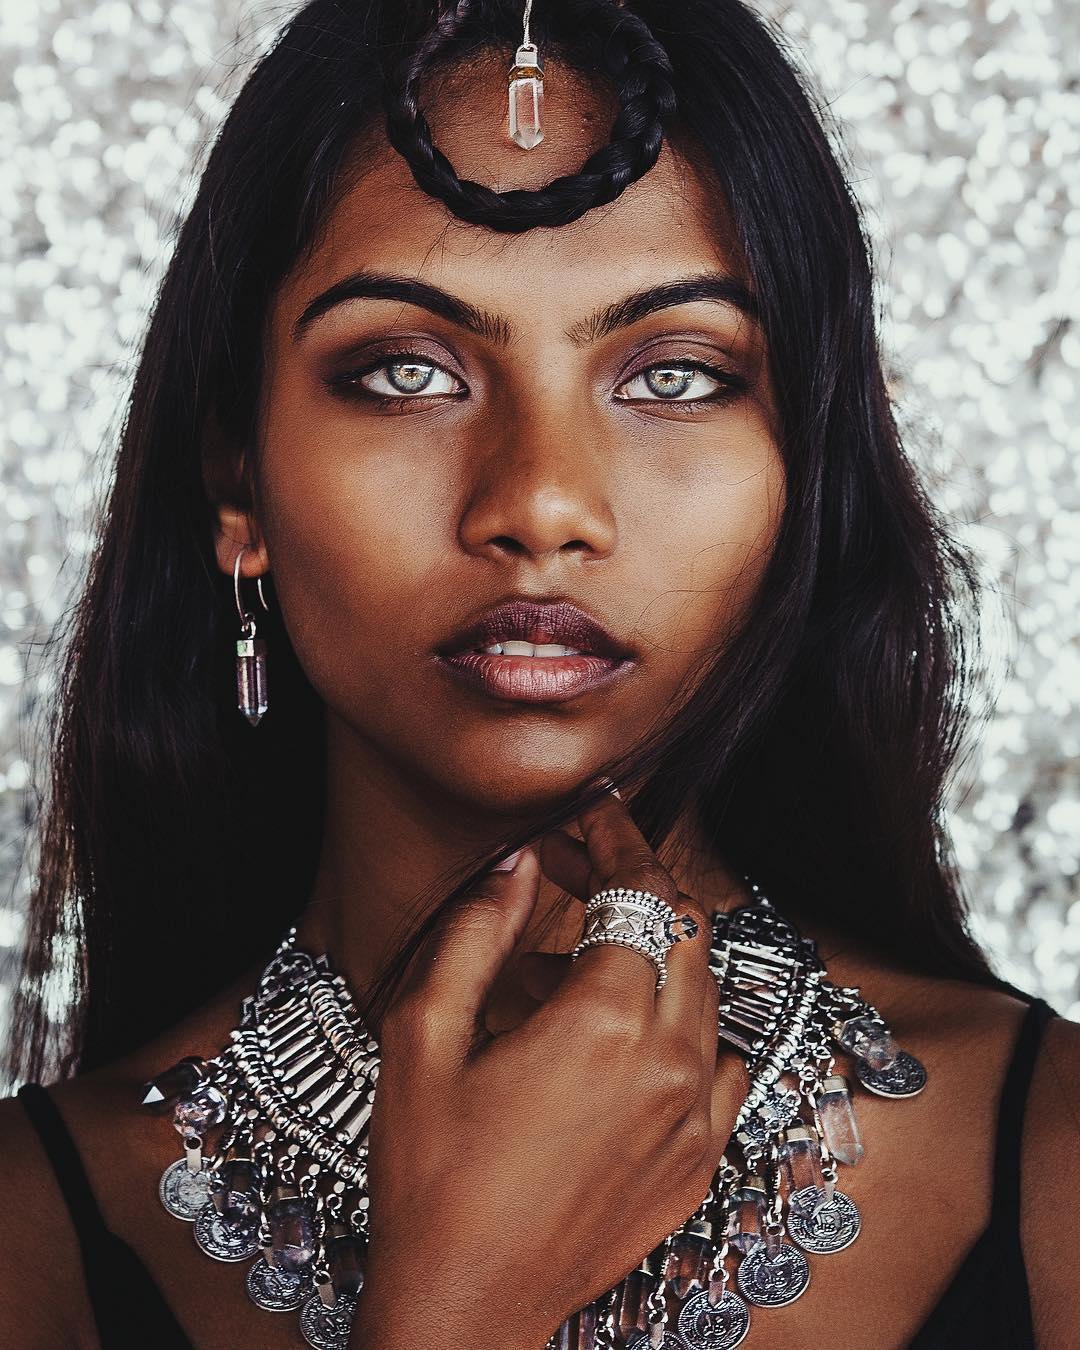 誰說美麗只有一種?20位擁有「與眾不同外表」的人打破你對美的認知